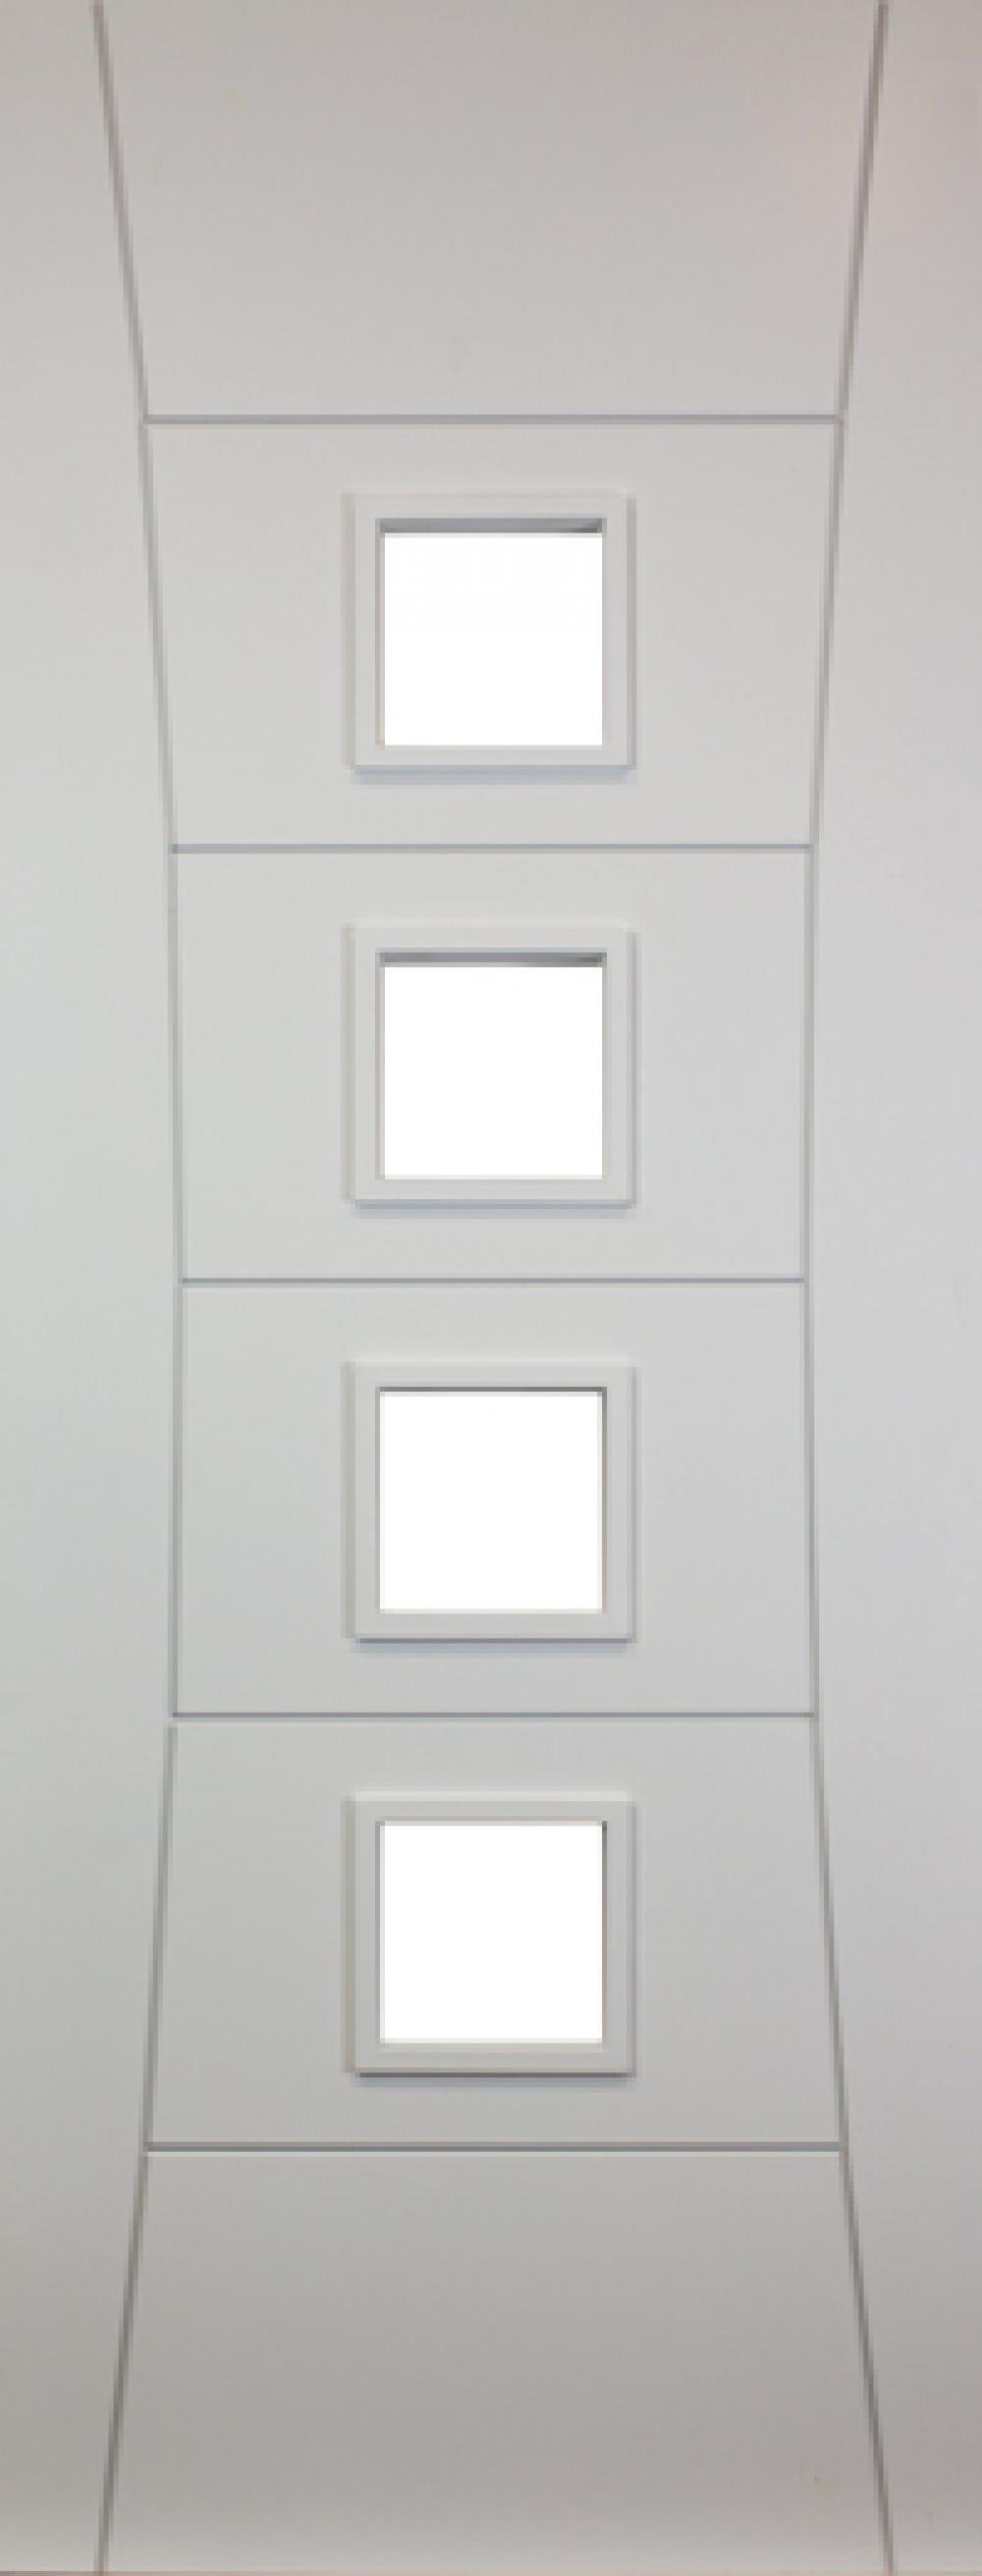 Pamplona Glazed White Image